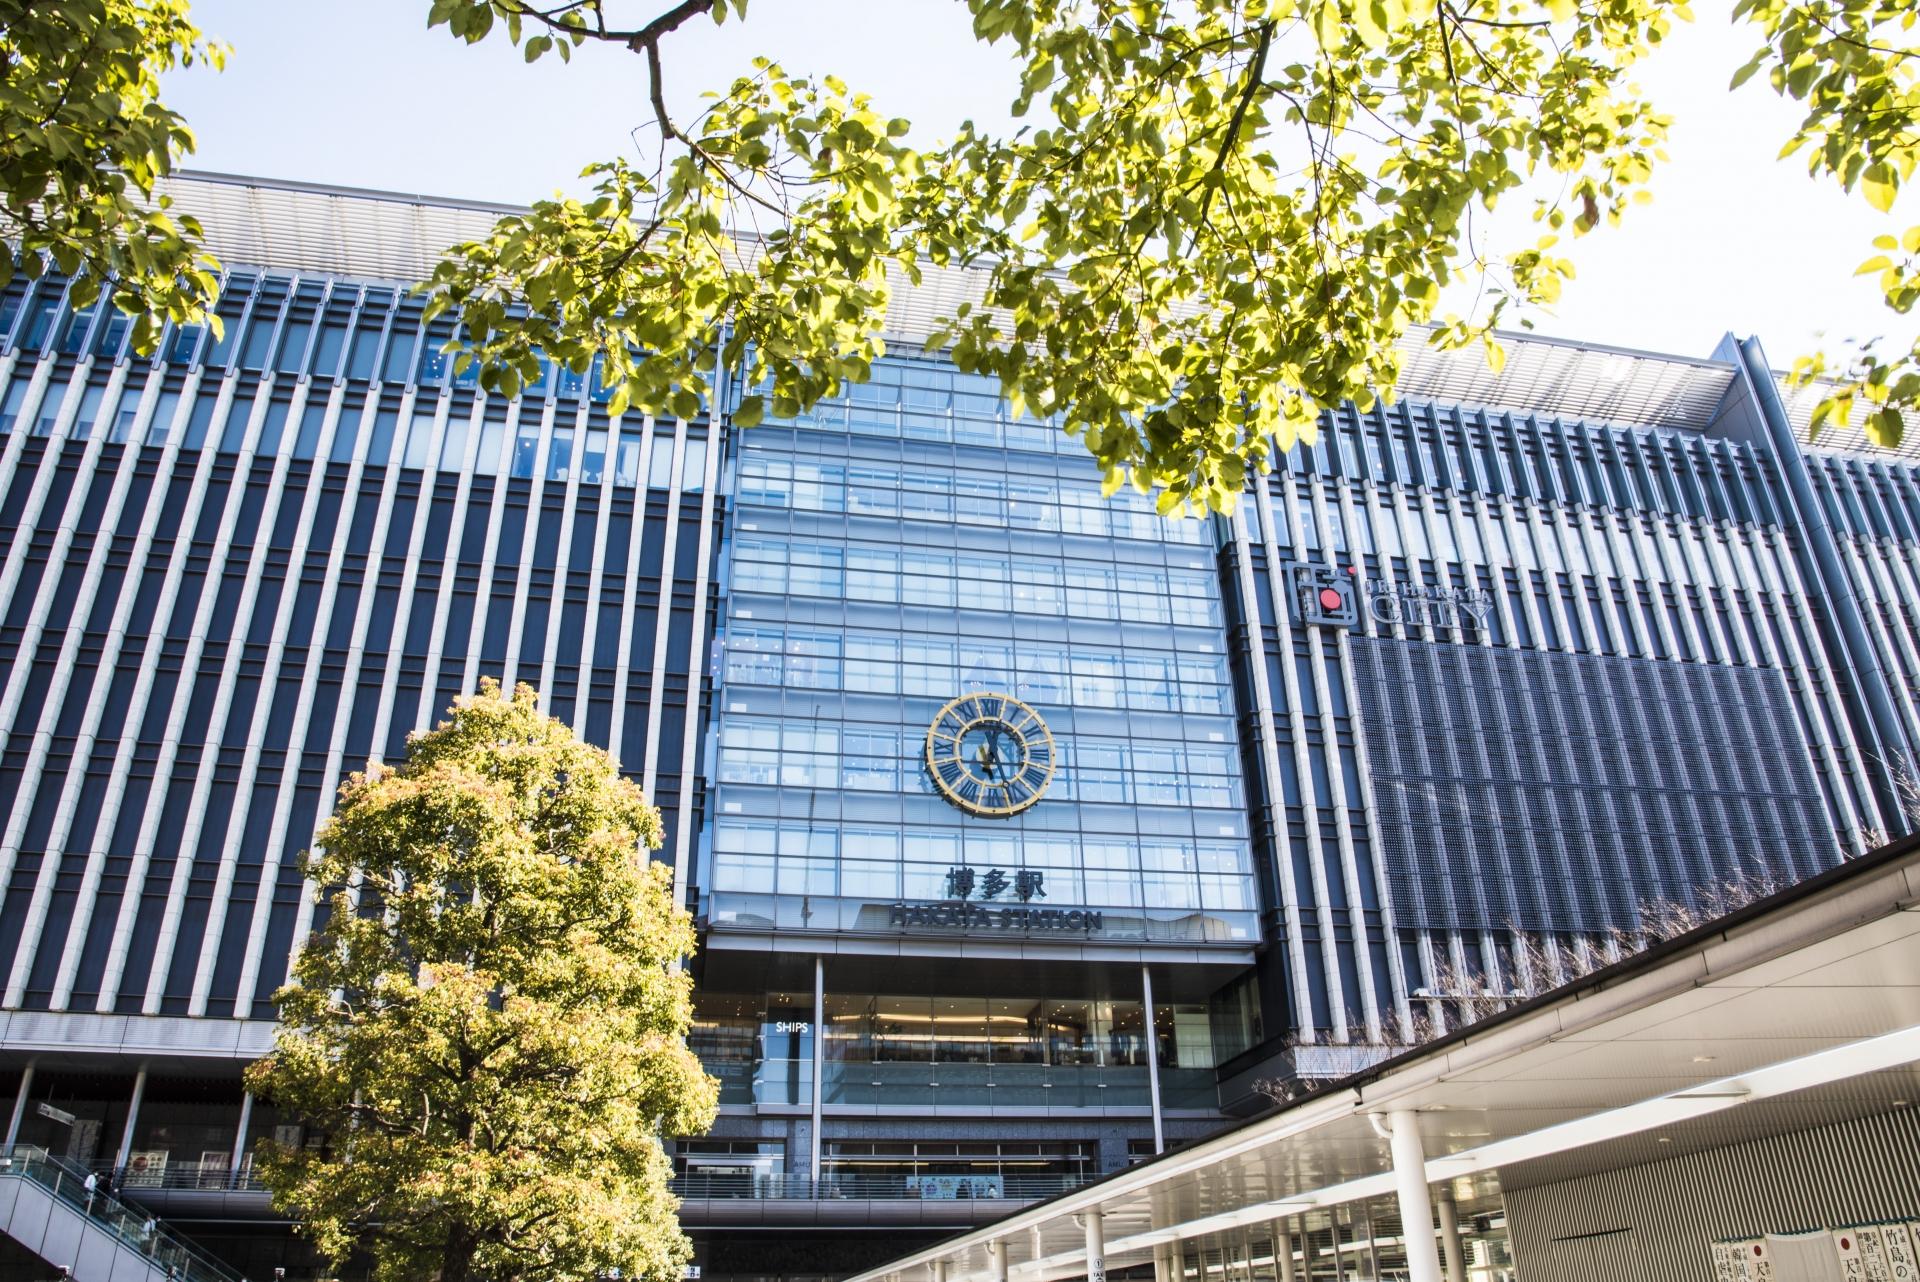 【福岡】博多で荷物を預けられるecbo cloak加盟店人気トップ5!コインロッカー代わりに活用しよう